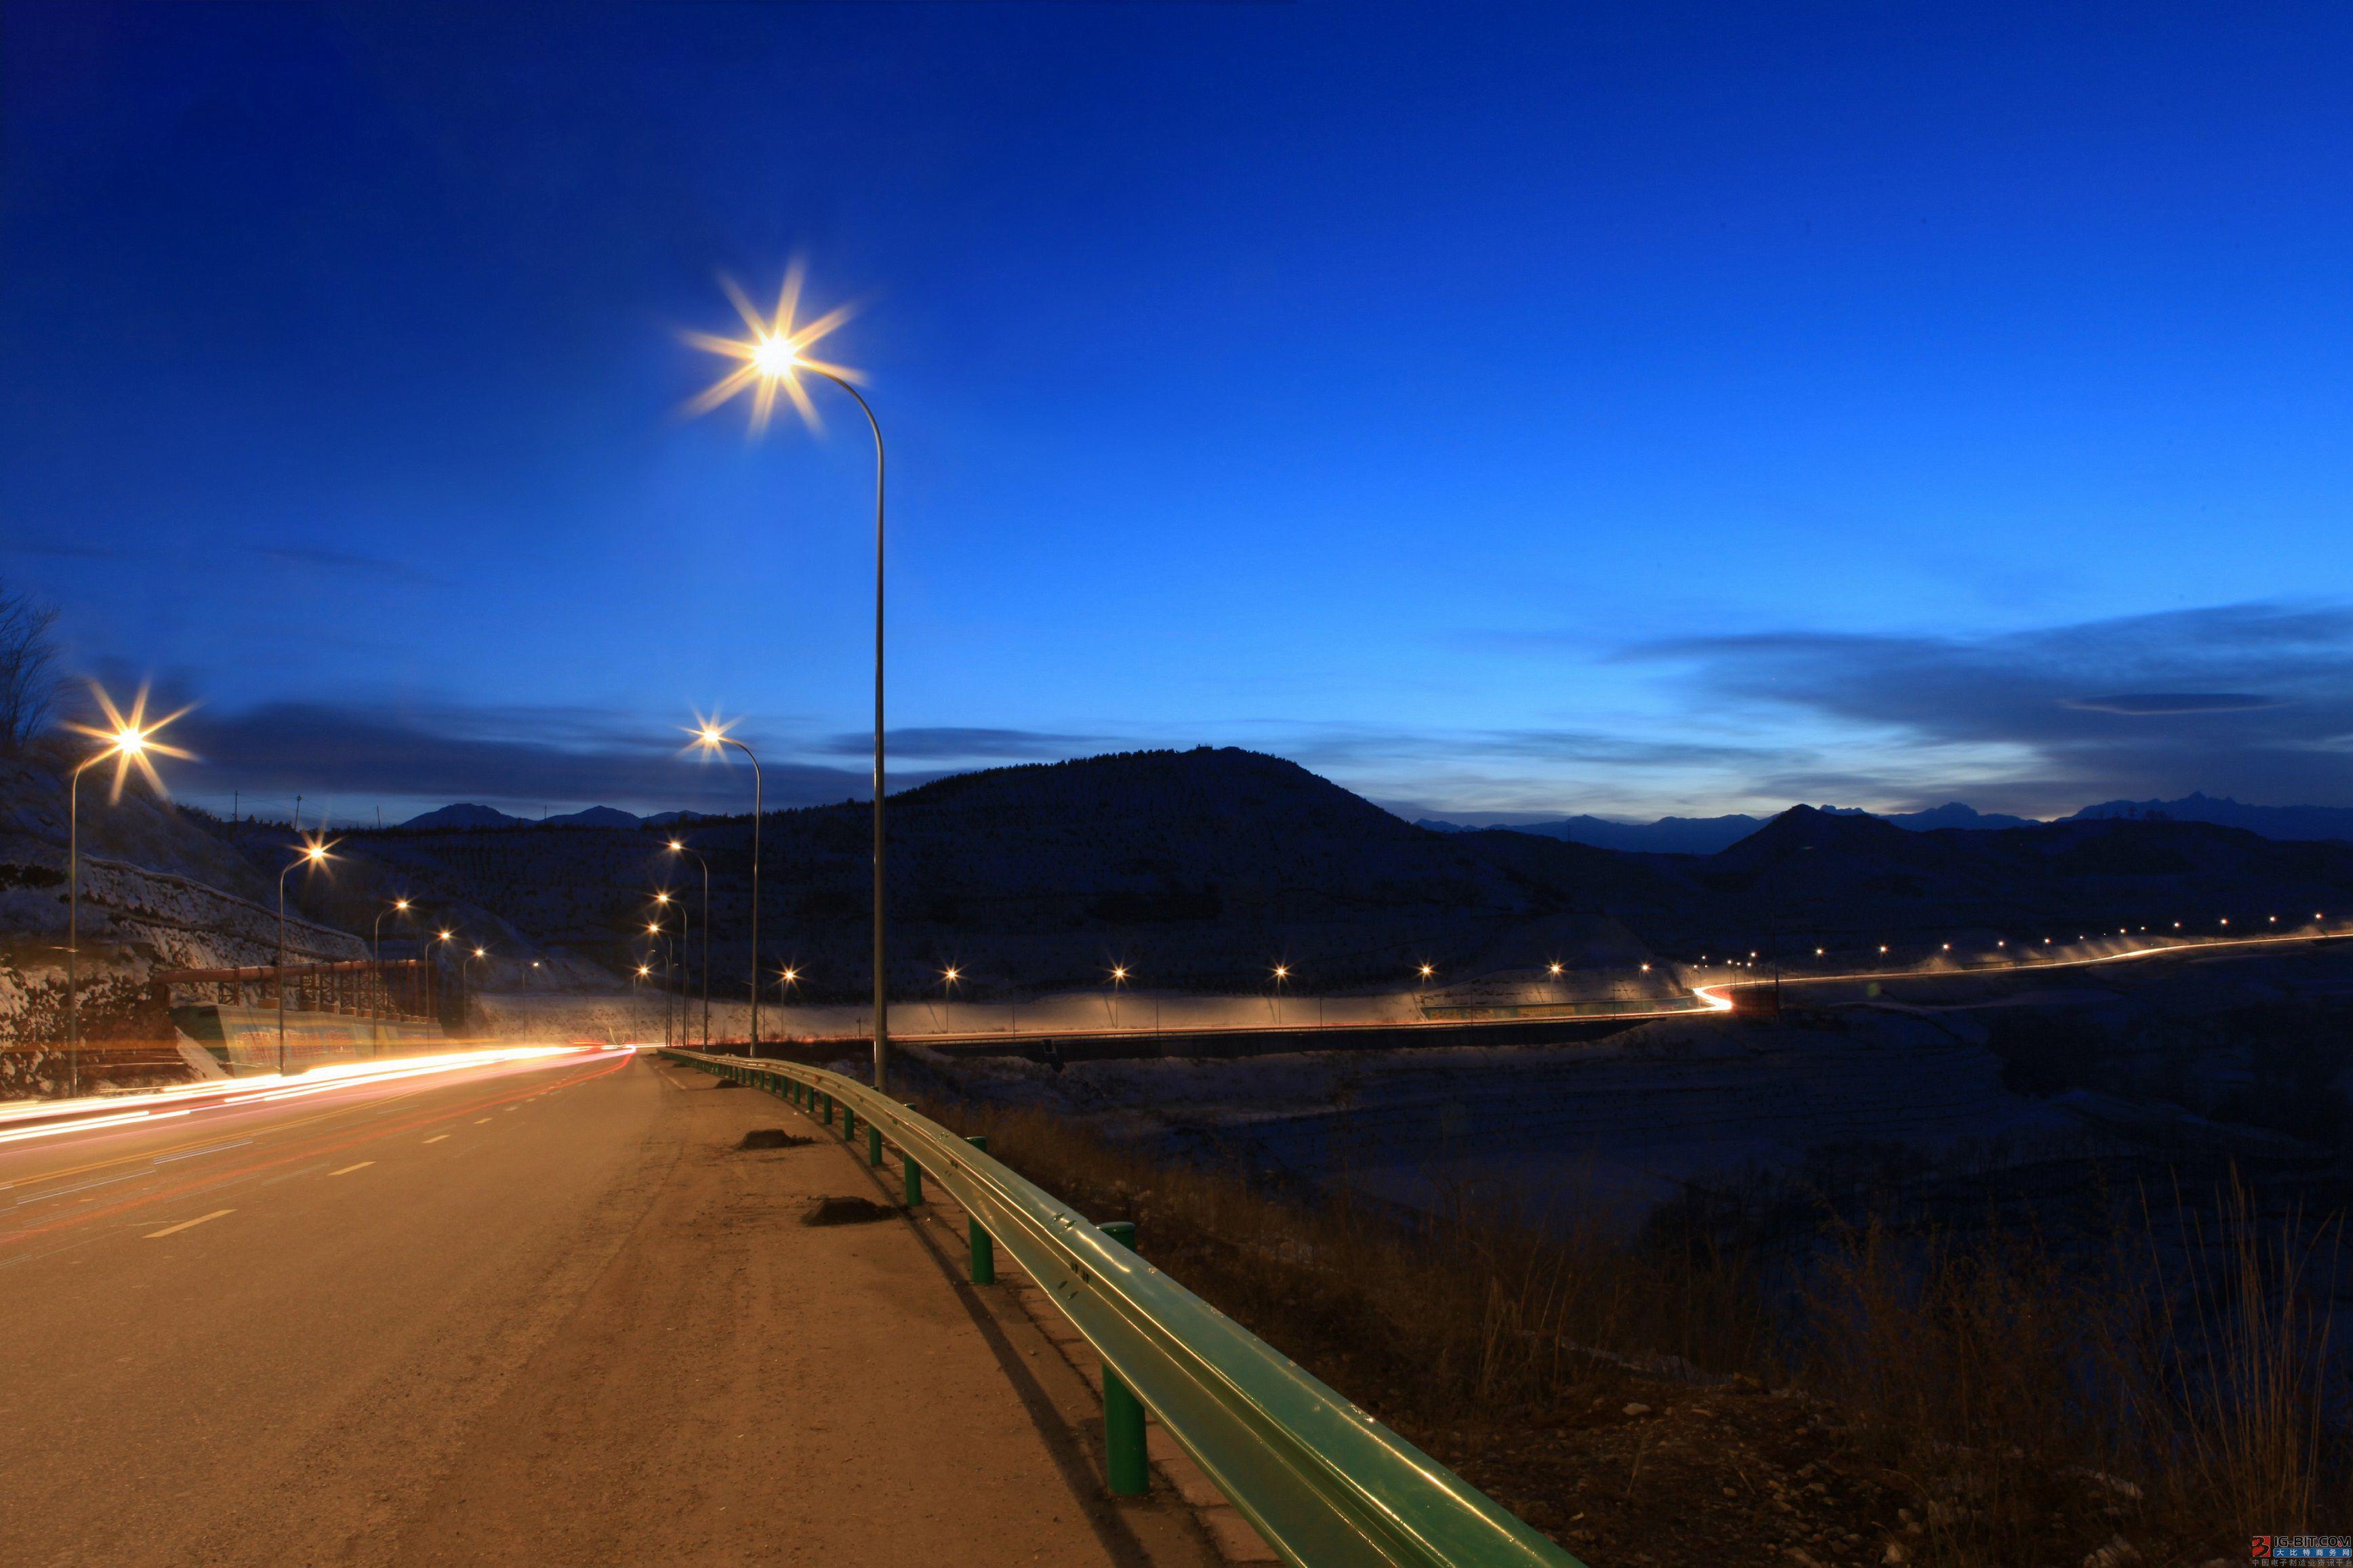 昕诺飞智能互联LED道路照明进驻中国西部,总安装数突破2万套